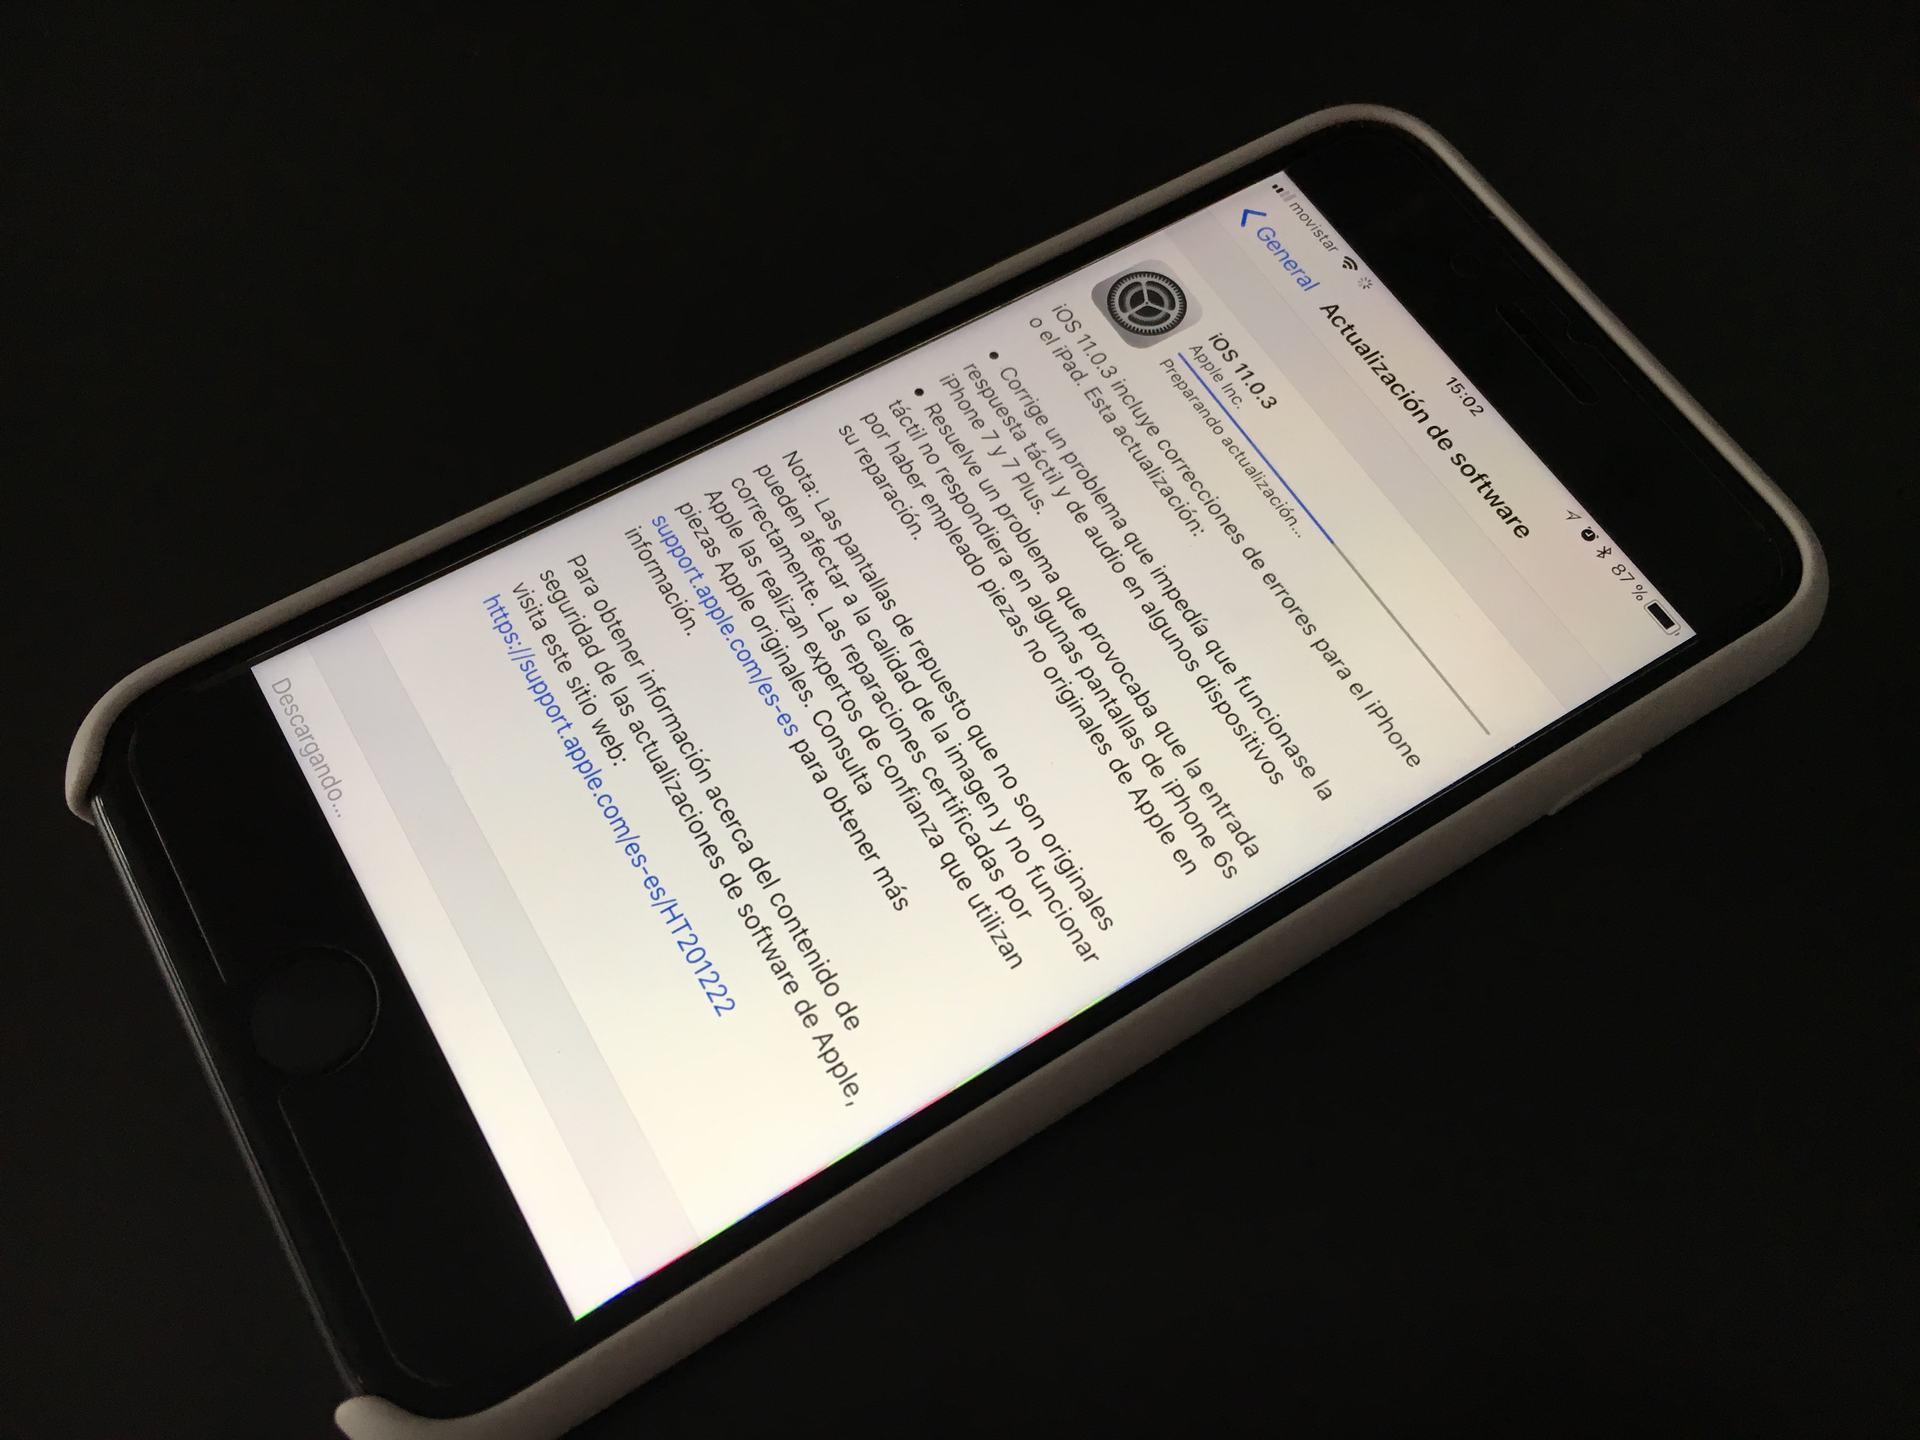 Update iOS 11.0.3